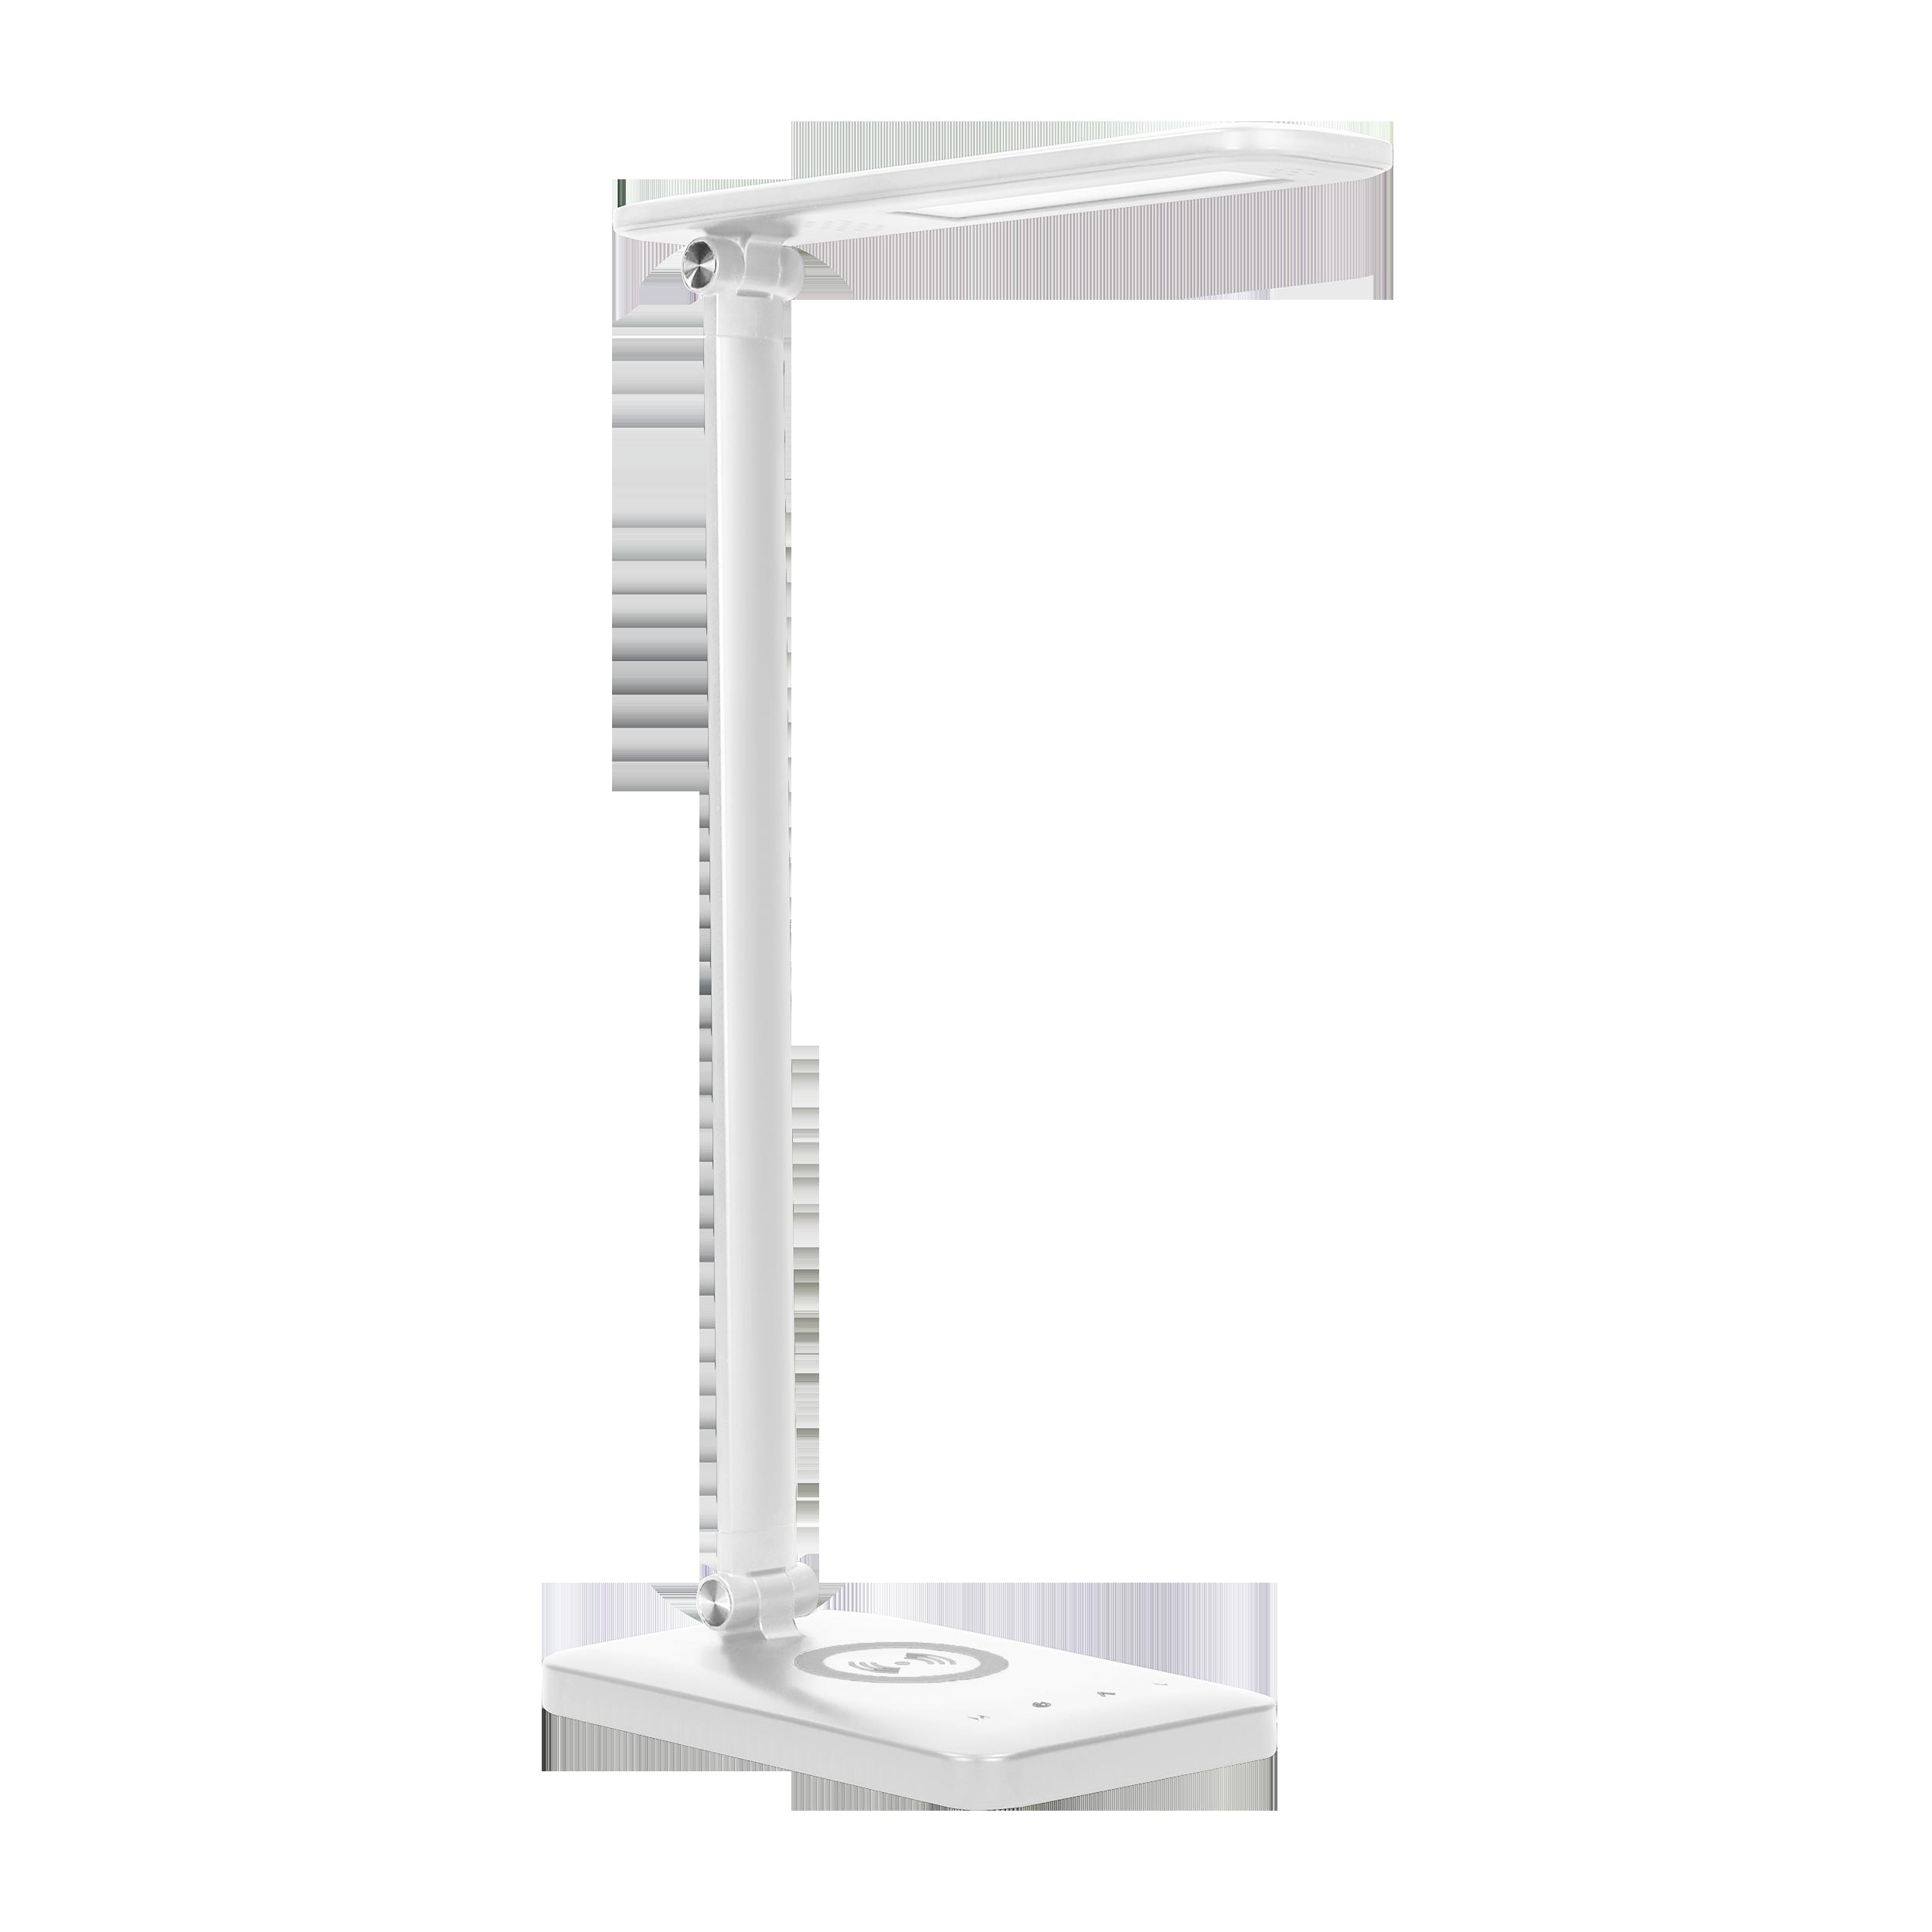 WIRLE LED 7W Lampka biurkowa z ładowarką  indukcyjną i usb. 390lm, 3000-4000-6000K, zmiana barwy temperaturowej i funkcja ściemniania, biała